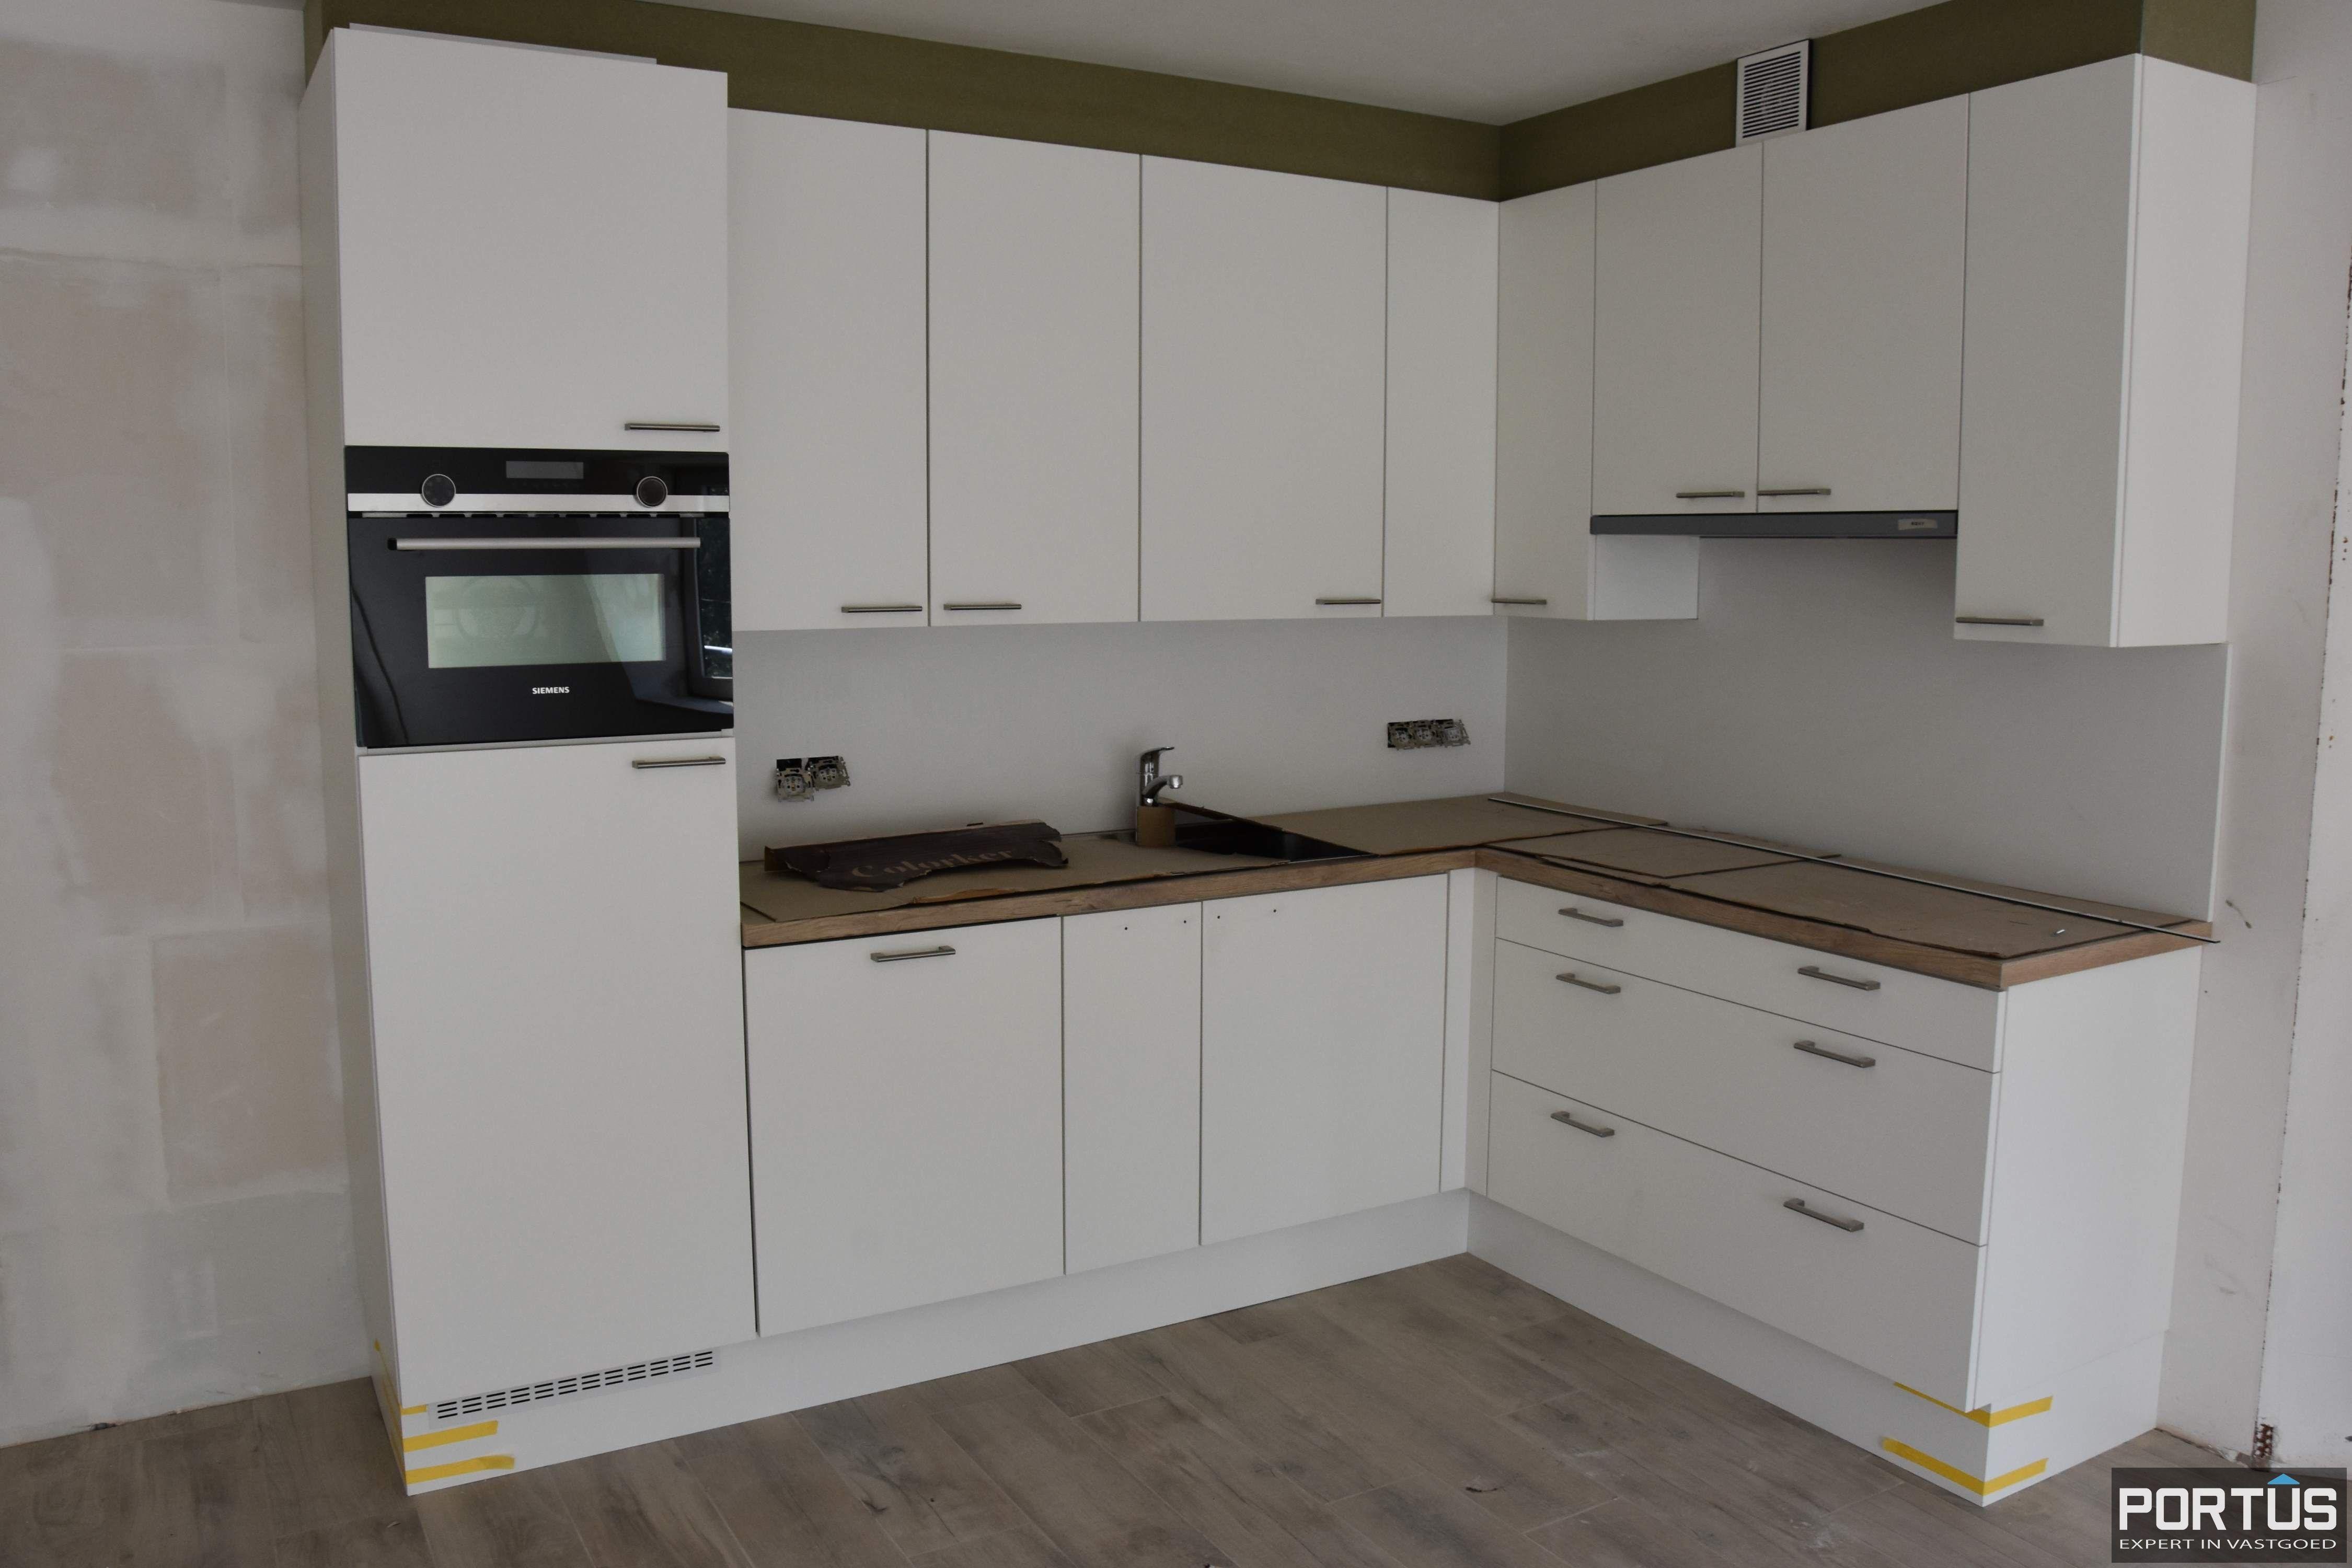 Appartement Residentie Villa Crombez Nieuwpoort - 8347